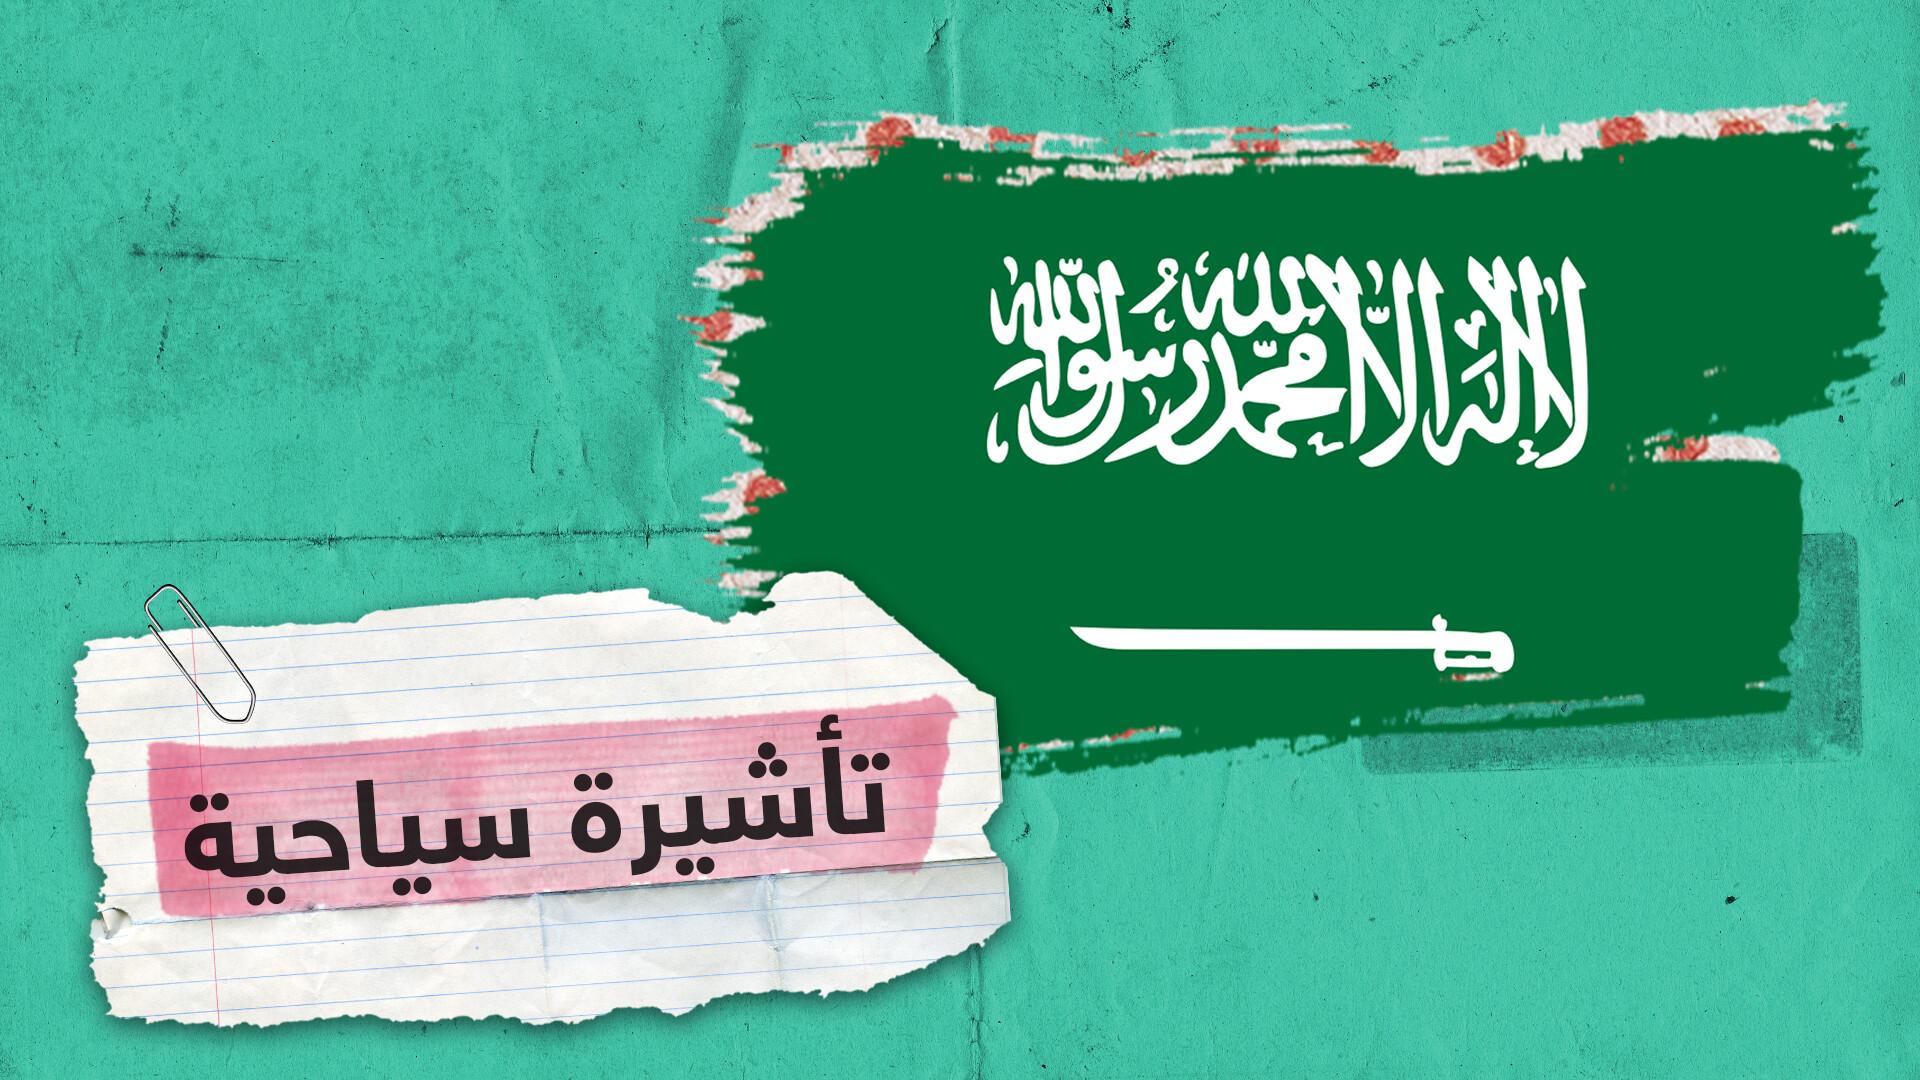 للمرة الأولى.. السعودية تفتح أبوابها للسائحين الأجانب من 49 دولة